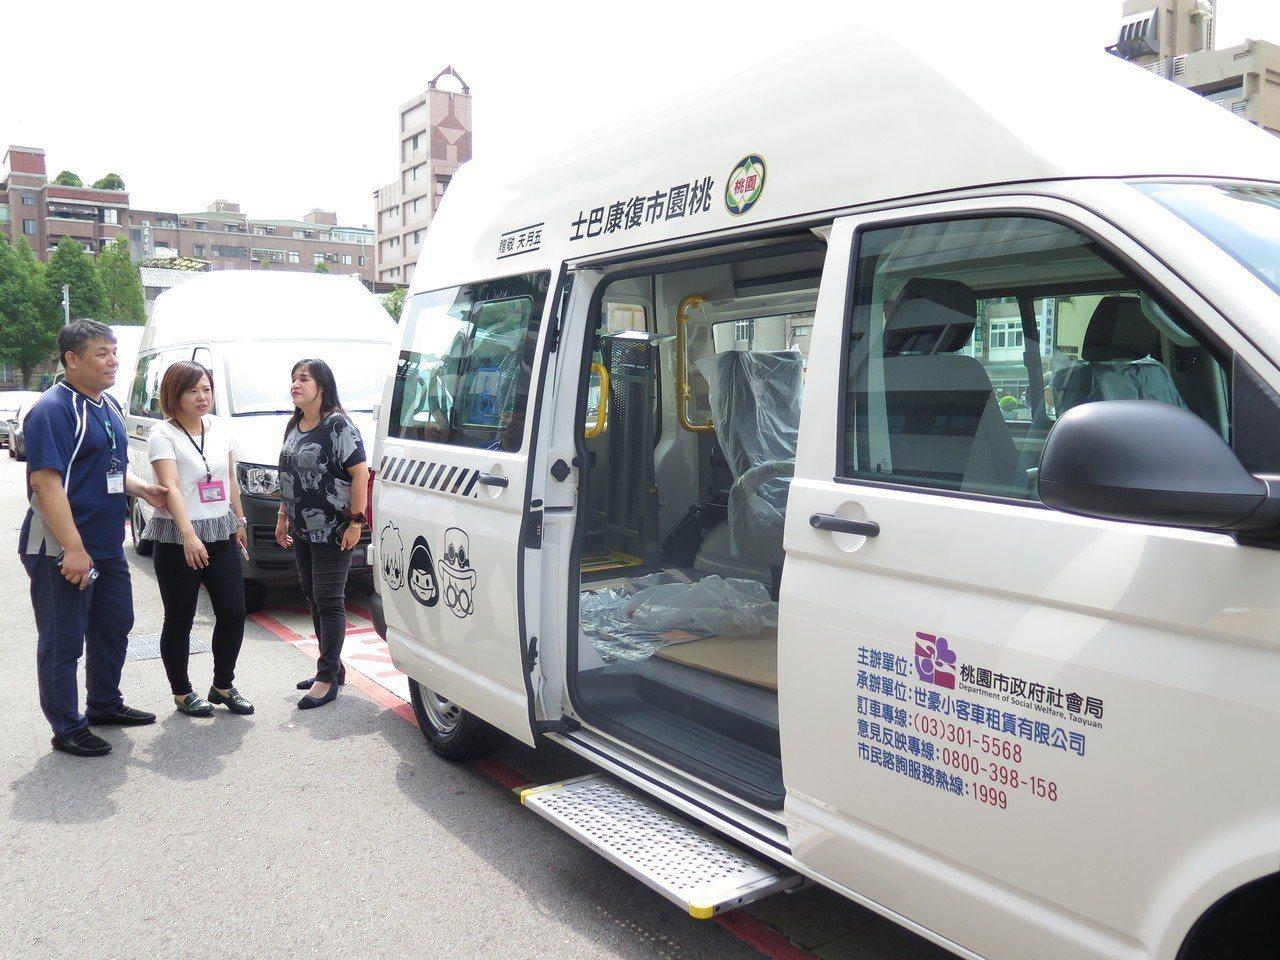 天團五月天暖心捐助桃園市政府5輛復康巴士,總價850萬元,全新設計、印有五月天Q...